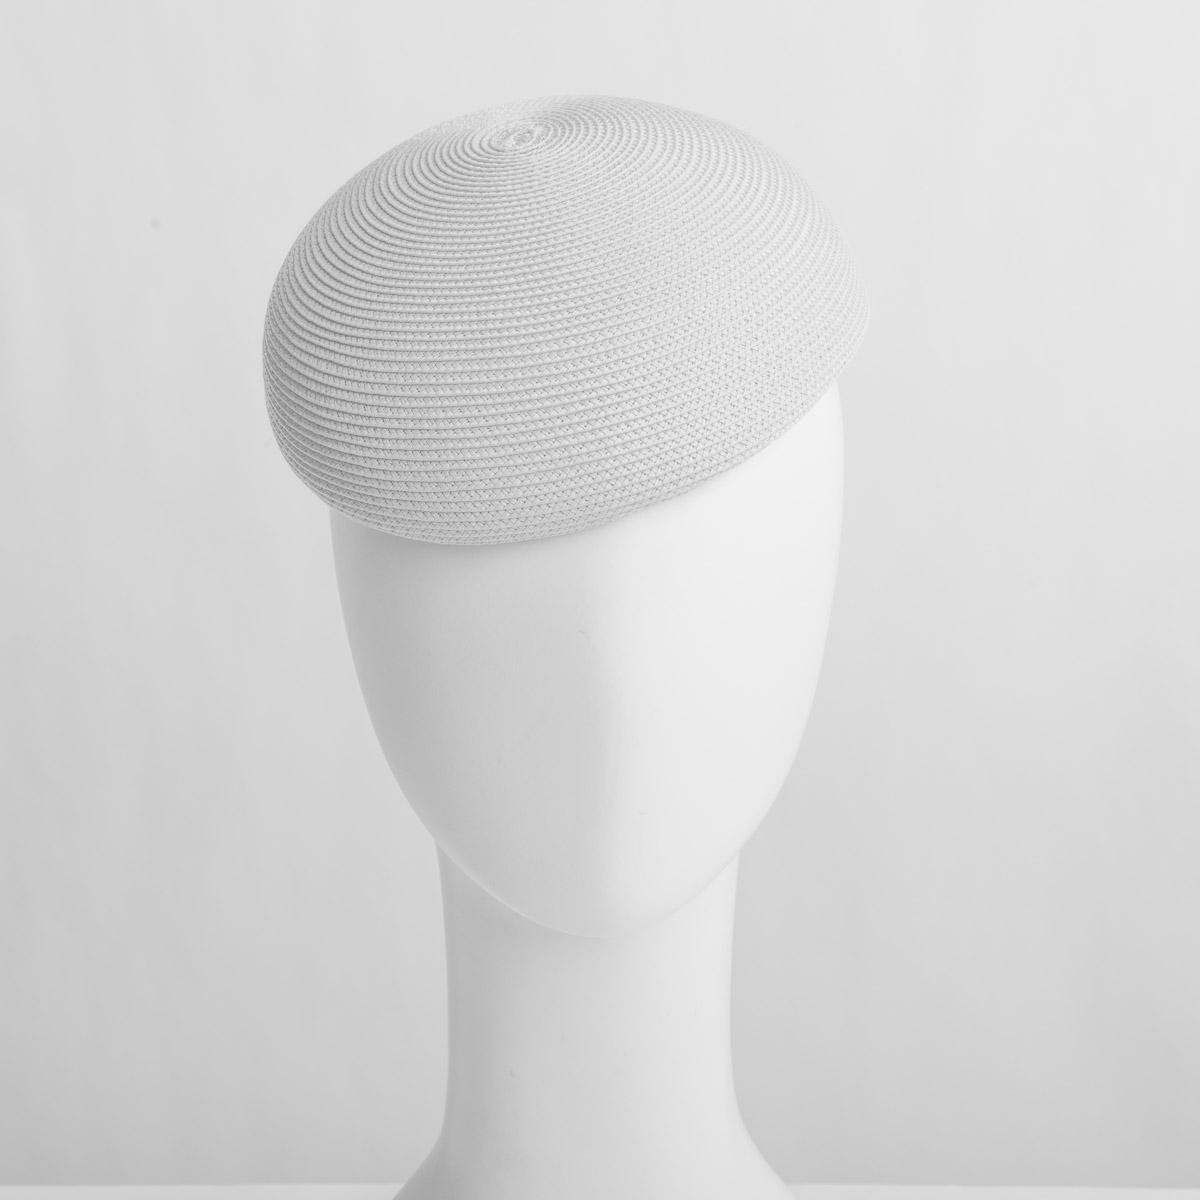 White PP Straw Plain Pillbox Hats-DN88R-06- Sun Yorkos  5371f52a2991